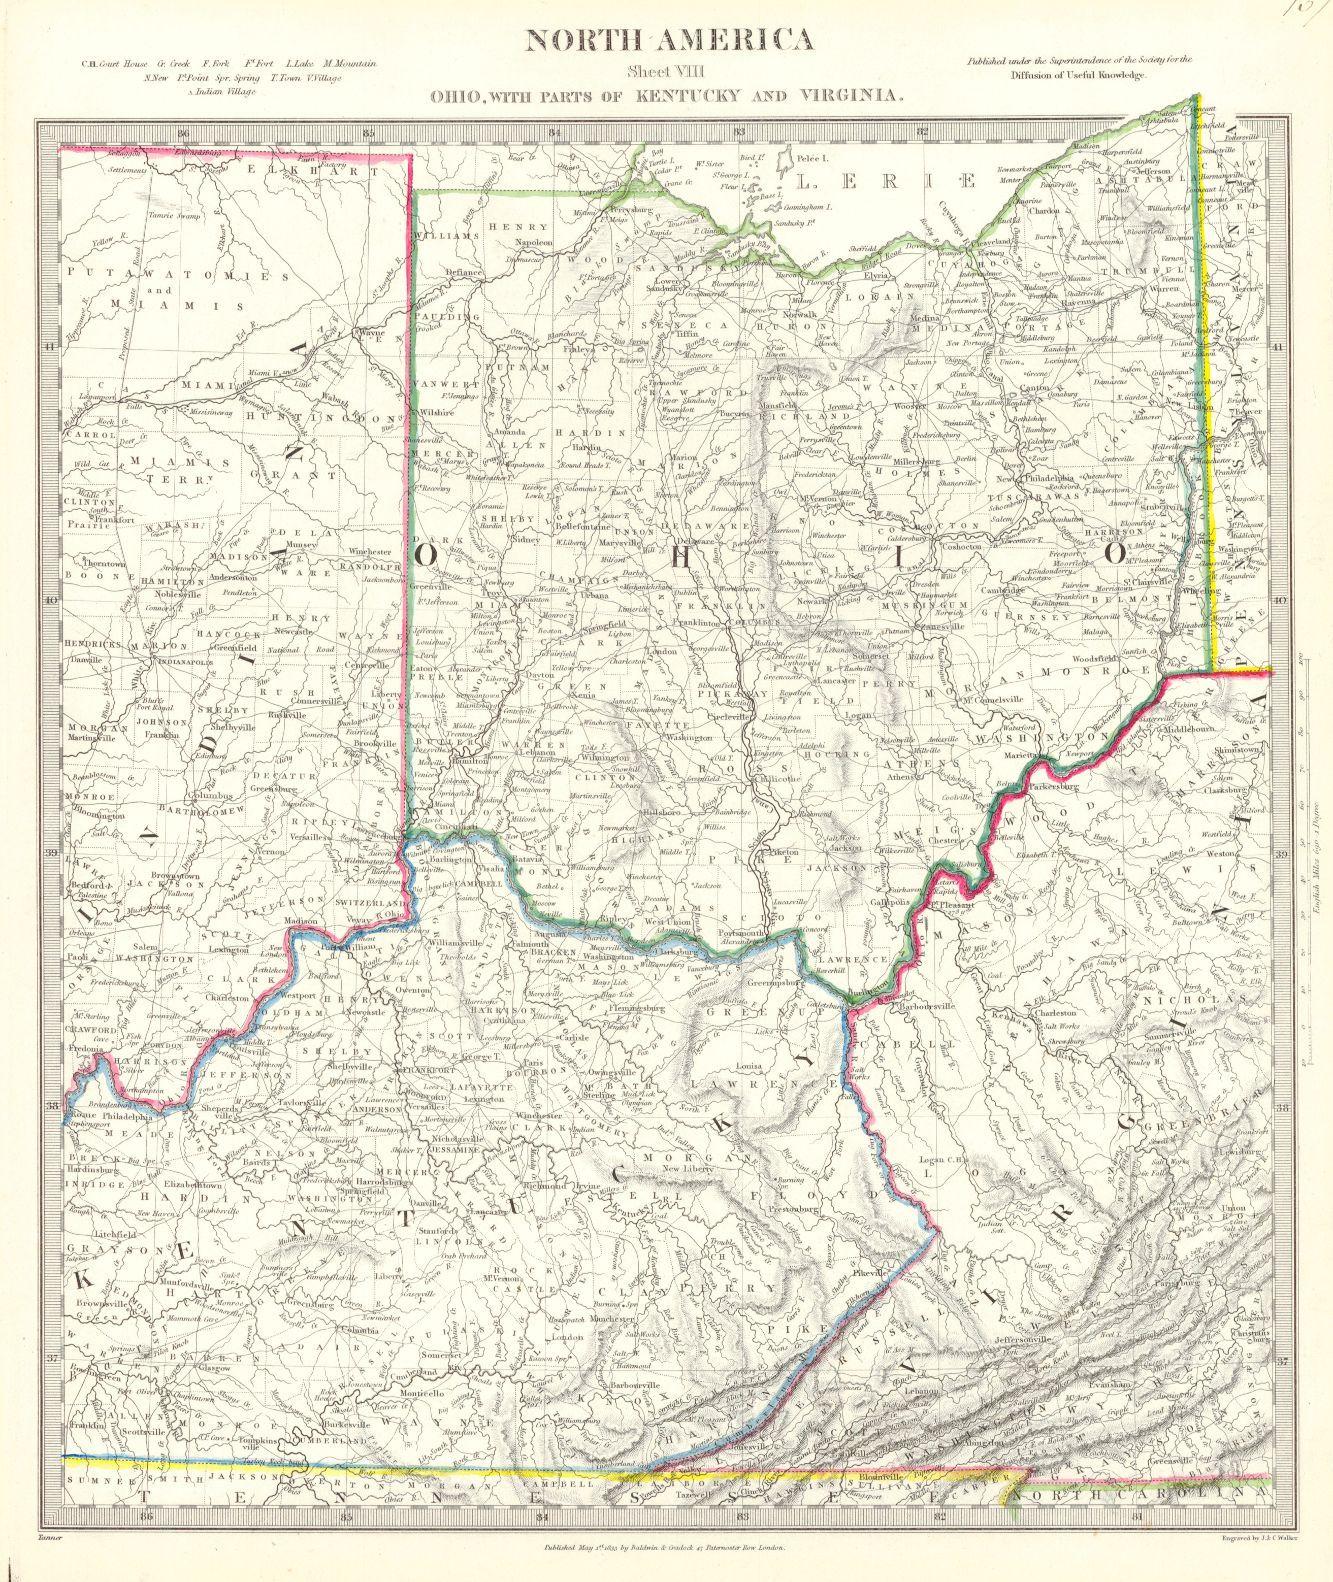 Kentucky Road Maps on kentucky drainage map, kentucky park map, 4th grade tennessee map, murray sea map, kentucky outline map, kentucky interstate map, kentucky county map, ohio kentucky tennessee map, united states map, kentucky transport map, kentucky lake map, kentucky street map, kentucky vegetation map, bourbon old map, interactive kentucky map, kentucky railway map, kentucky travel map, kentucky trail map, kentucky flash, ohio county map,